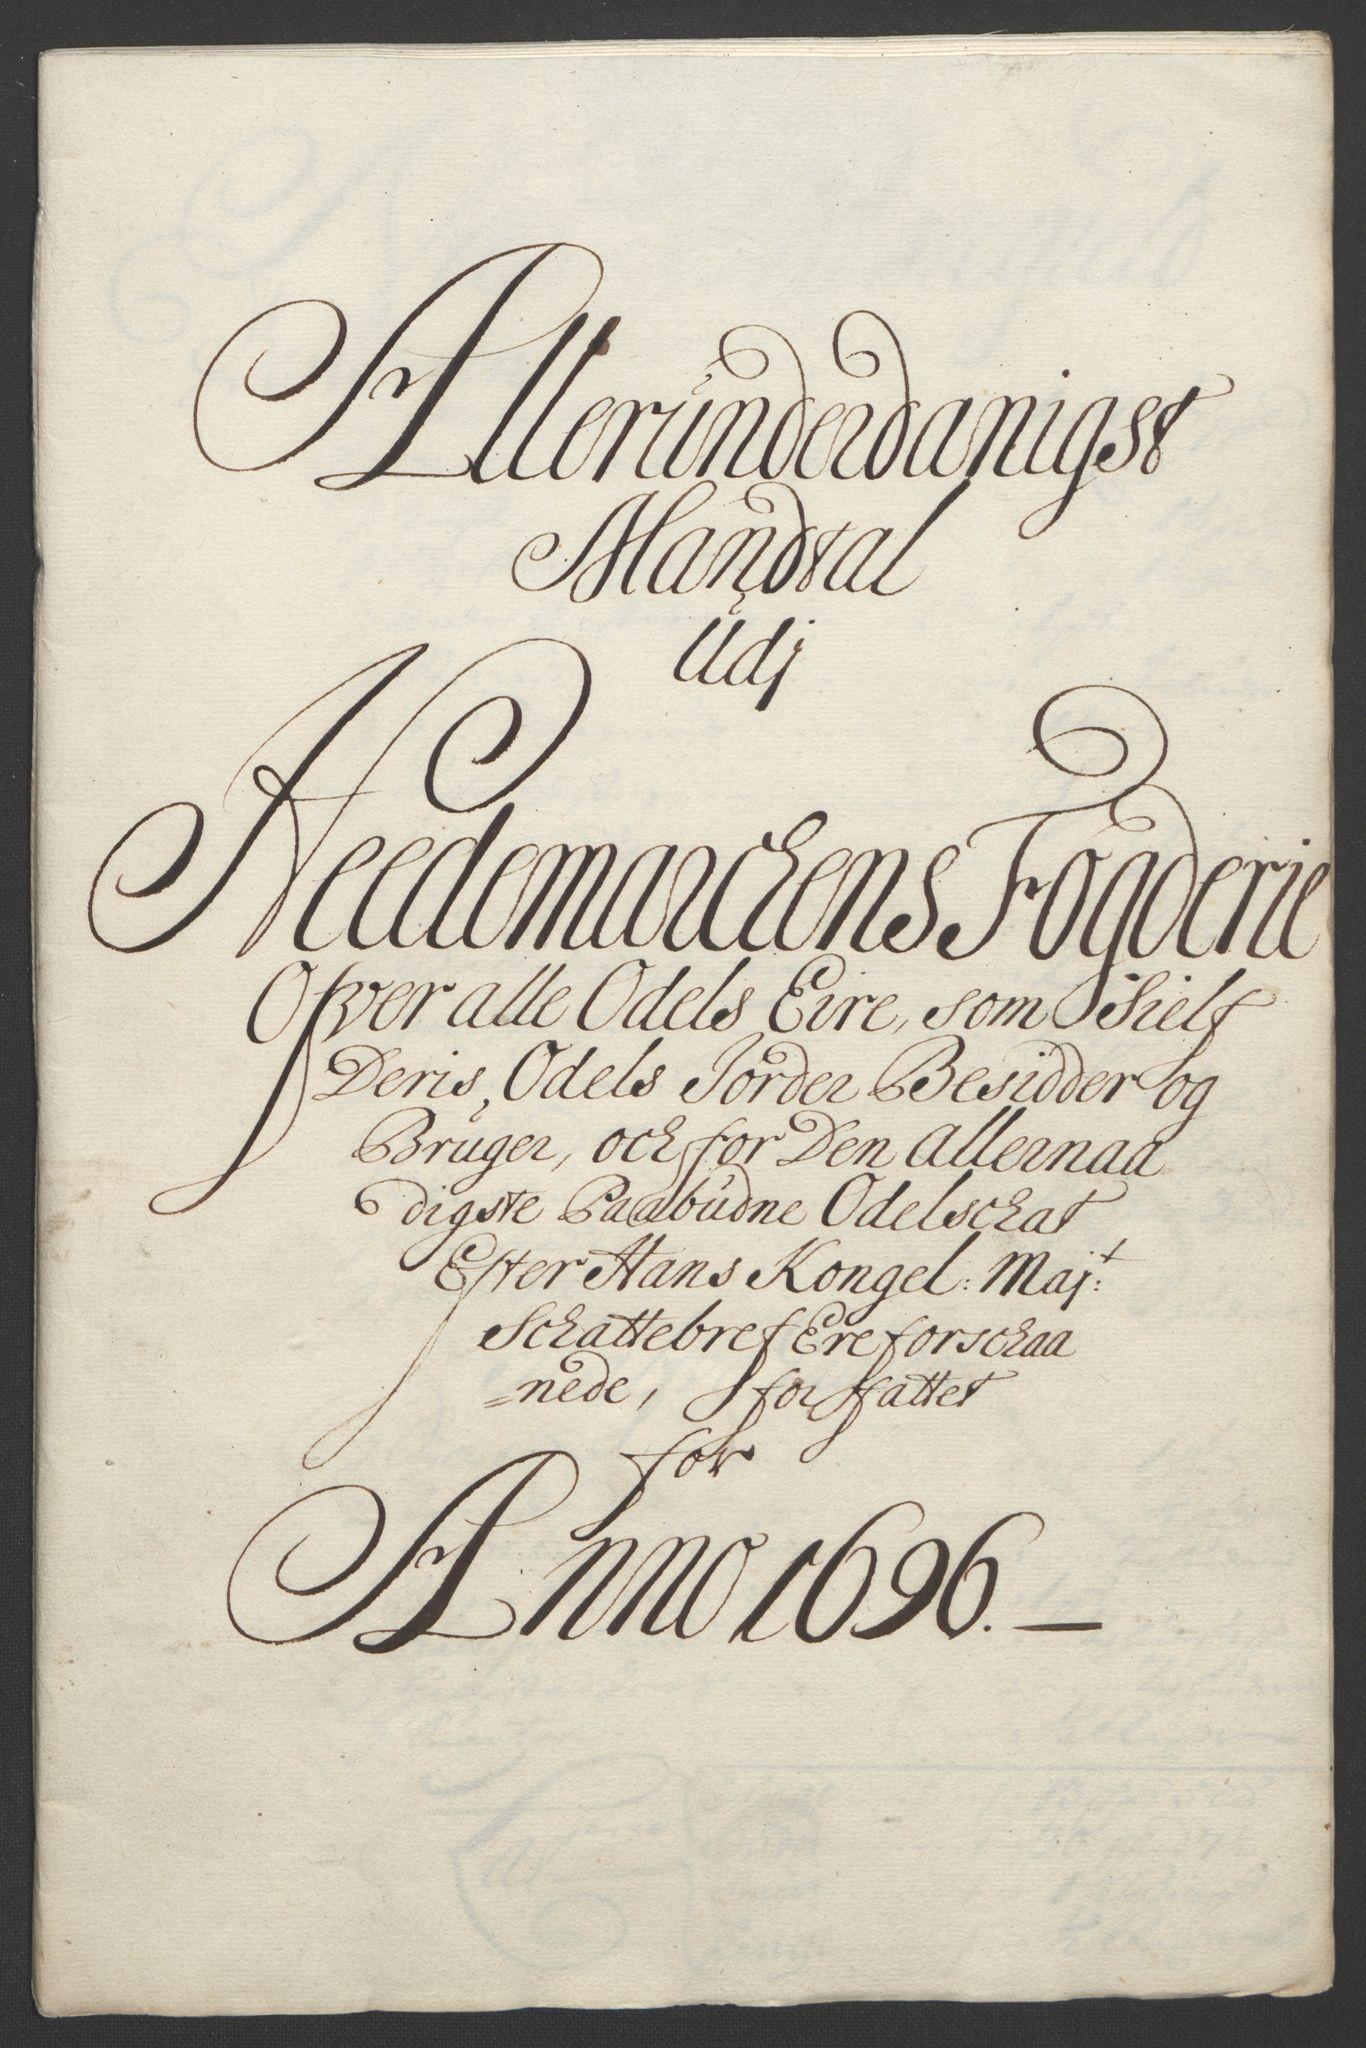 RA, Rentekammeret inntil 1814, Reviderte regnskaper, Fogderegnskap, R16/L1036: Fogderegnskap Hedmark, 1695-1696, s. 404